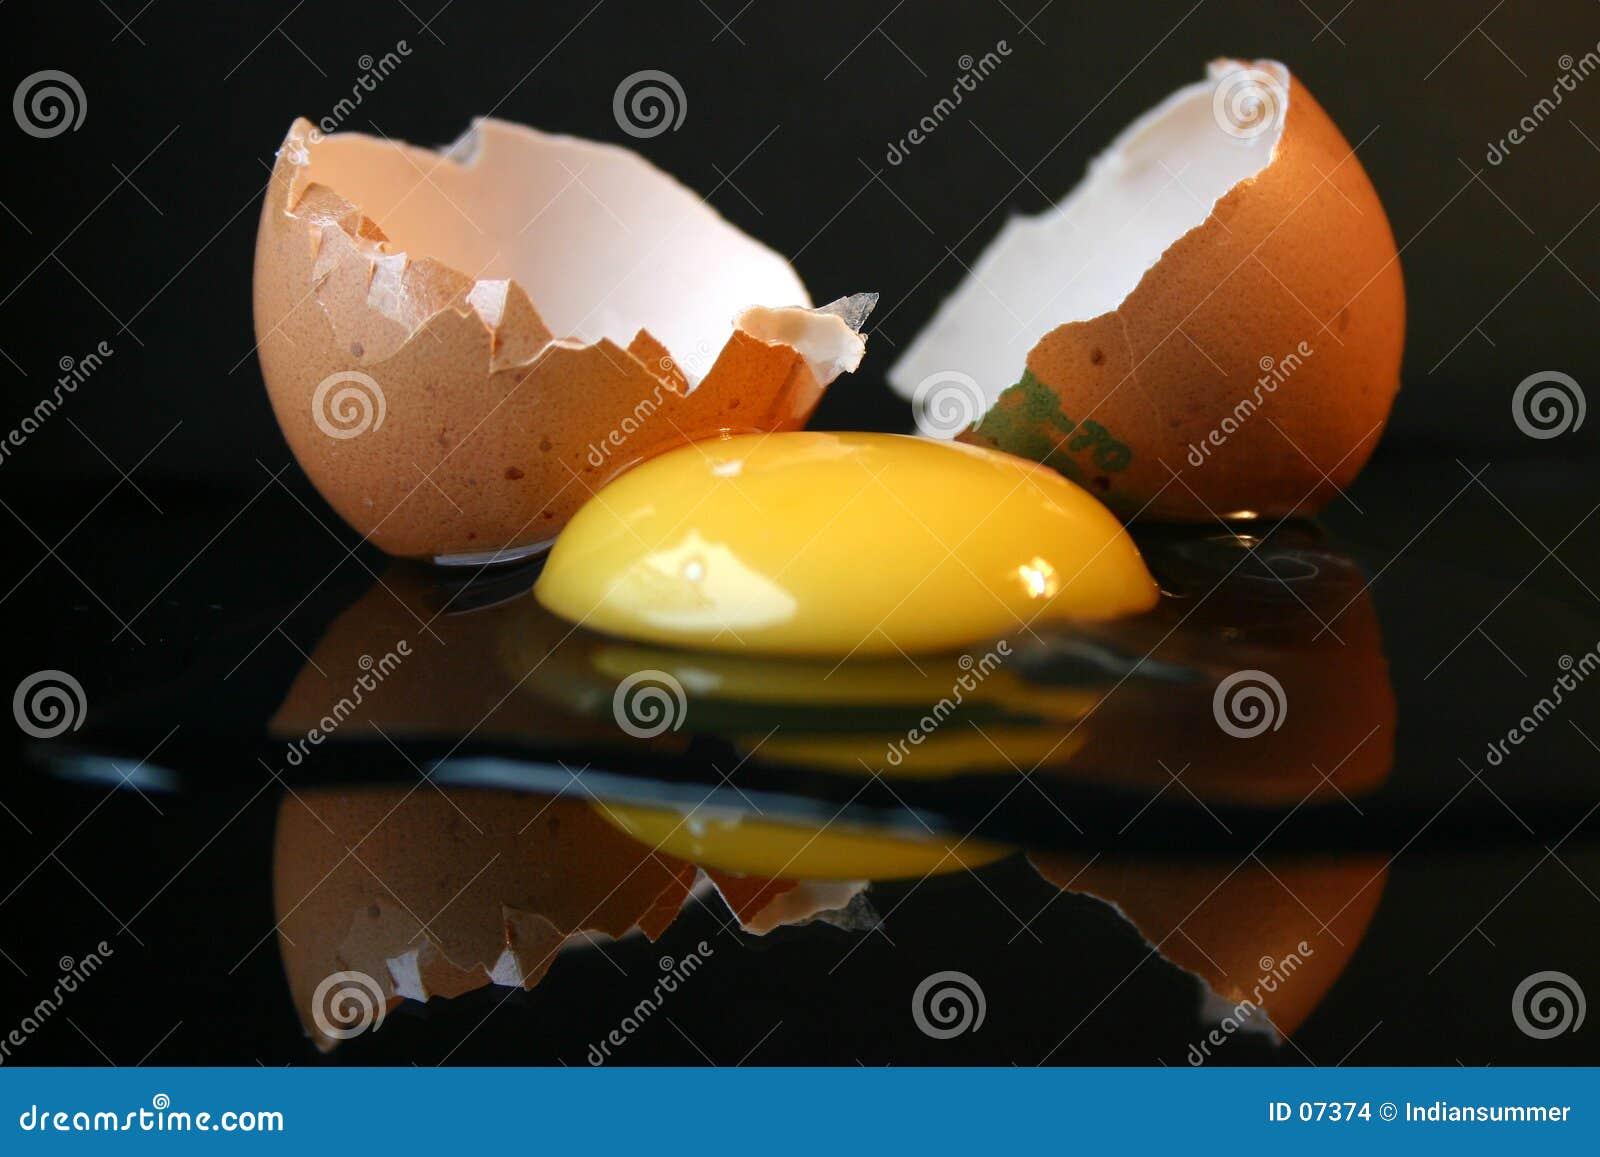 Zepsute jaja ii życie wciąż